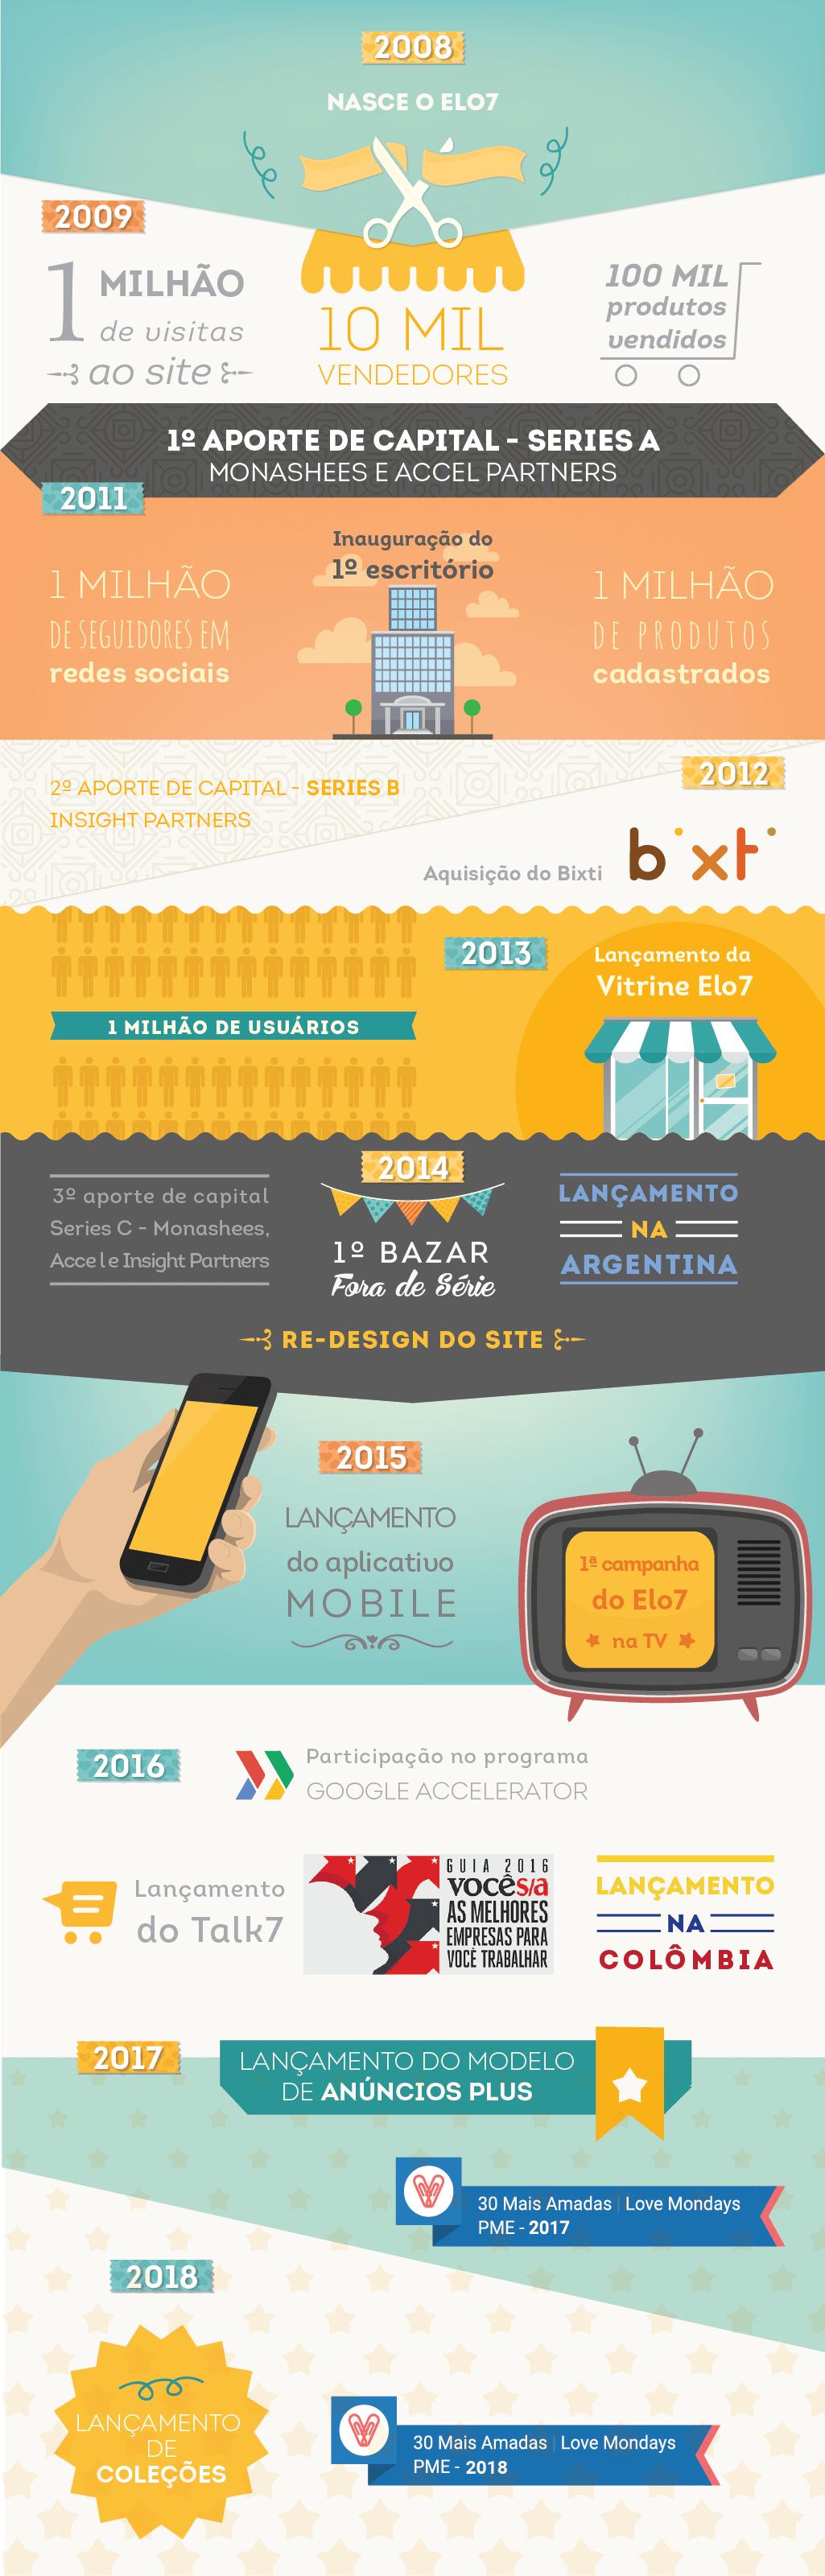 """Em 2008 nasce o Elo7. Em Março de 2009, chegamos a um milhão de visitas ao site e 10 mil vendedores. Em novembro do mesmo ano, chegamos na marca de 100 mil produtos vendidos. Recebemos o 1º aporte de capital (Series A - Monashees e Accel Partners) no final de 2010. No início do ano seguinte, tinhamos um milhão de seguidores nas Redes Sociais e inauguramos o nosso primeiro escritório. Em setembro, havia mais de um milhão de produtos cadastrados. Em 2012, recebemos o nosso 2º aporte de capital (Series B - Insight Partners) e adquirimos a Bixti. Já em 2013, chegamos na marca de um milhão de usuários. Em maio deste ano, foi lançada a Vitrine Elo7. Em 2014, lançamos o novo design do site junto com o slogan """"Produtos Fora de Série"""", recebemos o 3º aporte de capital (Series C - Monsashees, Accel e Insights Partners), realizamos o nosso primeiro Bazar Fora de Série e lançamos o Elo7 na Argentina. Em 2015, lançamos o aplicativo mobile, a 1ª campanha do Elo7 na TV. No ano seguinte, participamos do programa Google Accelerator, lançamos o Talk7 e o Elo7 na Colômbia, além de sermos eleitos uma das 150 melhores empresas para se trabalhar no Brasil. Em 2017 fomos eleitos a PME mais amada por seus colaboradores, no ranking do site Love Mondays e lançamos o modelo de Anúncios Plus. No início de 2018 fizemos o lançamento da versão beta do Projeto Coleções."""